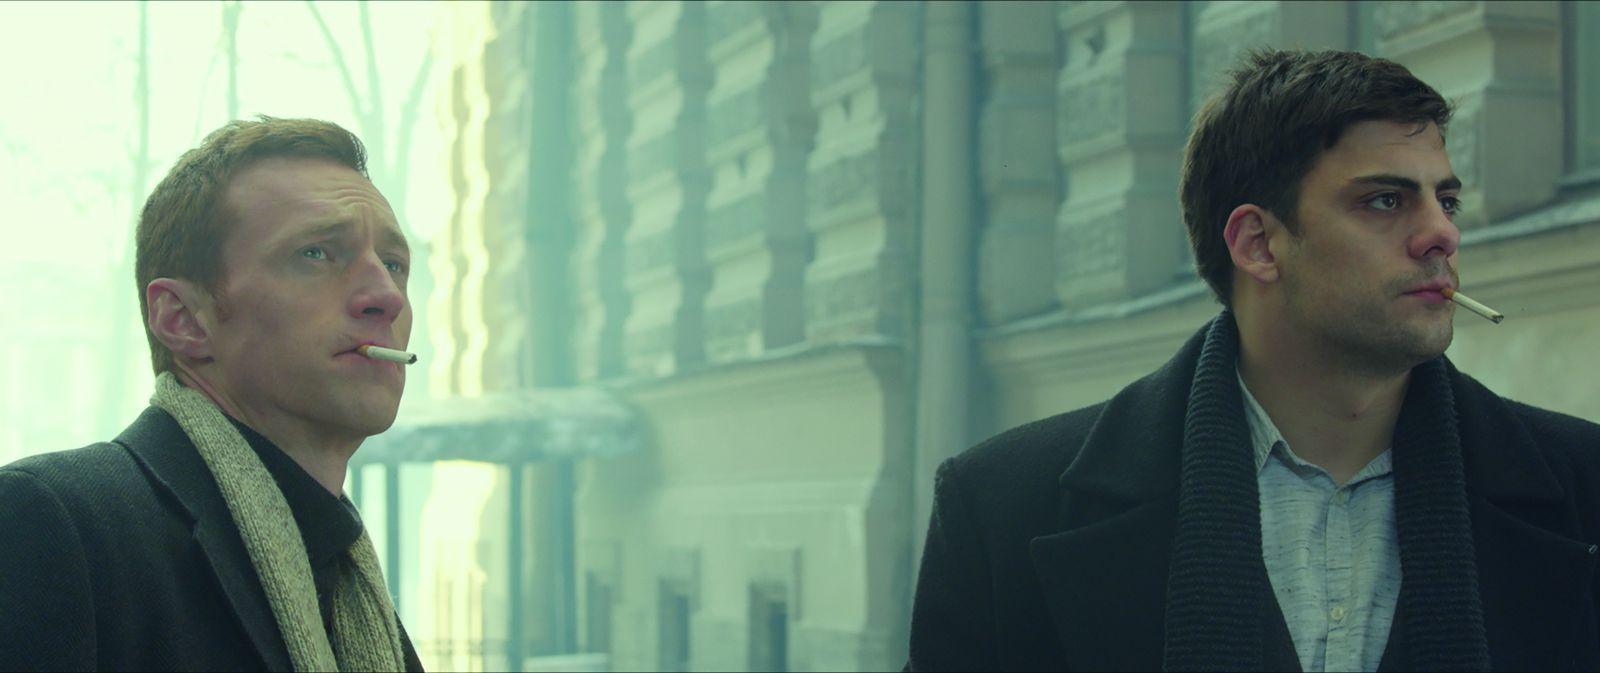 Dovlatov (BANDE-ANNONCE) de Alexey Guerman Jr. - Le 12 septembre 2018 au cinéma